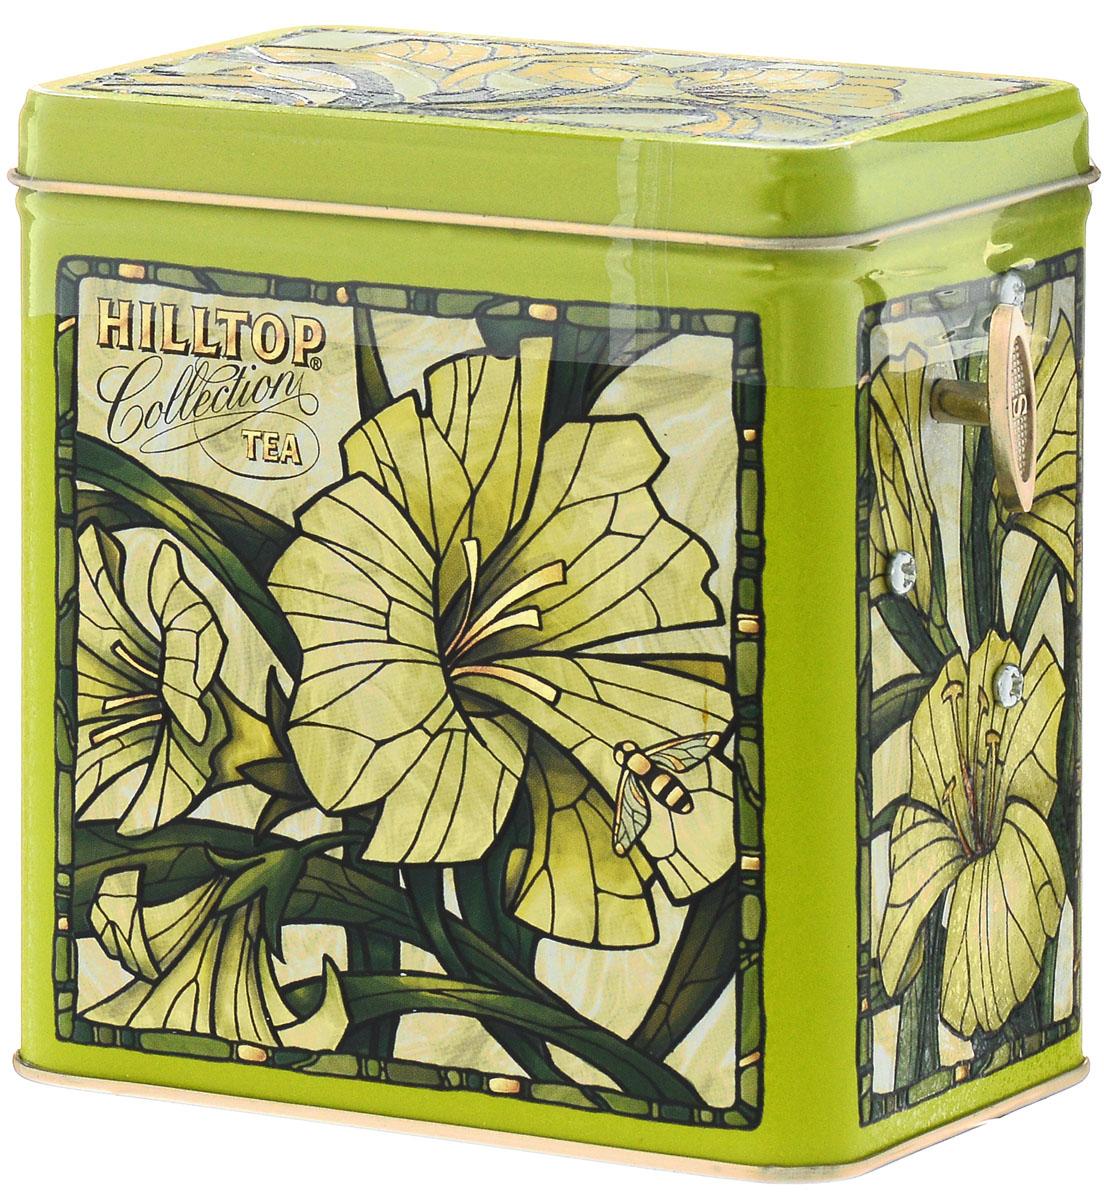 Hilltop Лилии Зеленая симфония набор зеленого листового чая в музыкальной шкатулке, 125 г4607099301047Hilltop Лилии Зеленая симфония - свежий зеленый китайский чай Сенча с лепестками календулы и мальвы. Оригинальная упаковка в виде музыкальной шкатулки будет великолепно смотреться на семейном застолье.Музыкальная шкатулка воспроизводит Колыбельную Брамса.